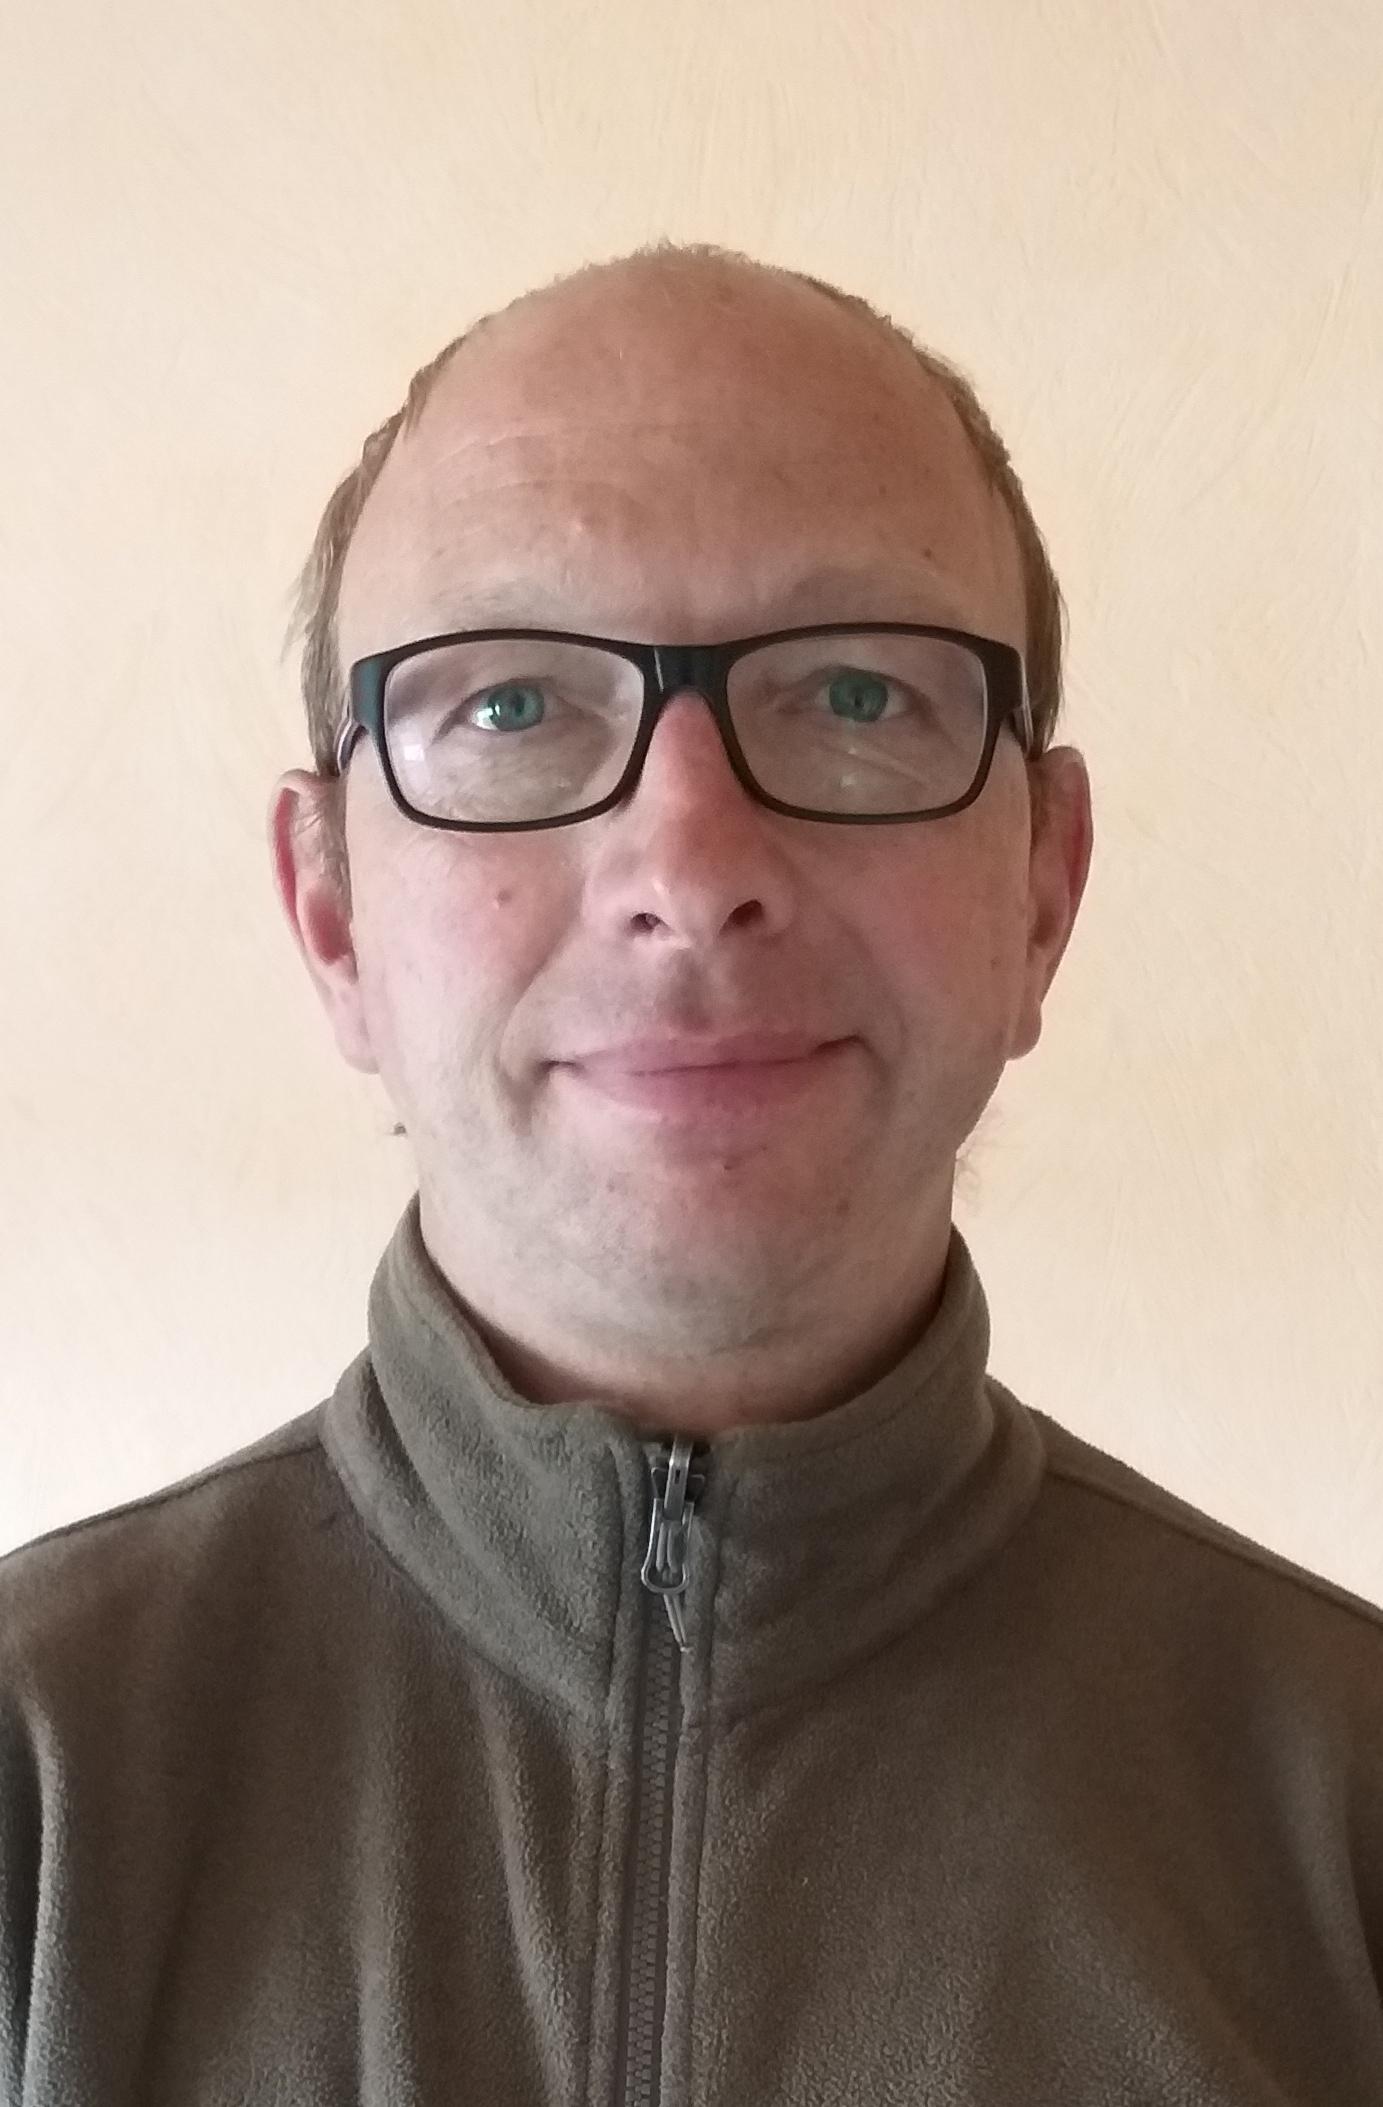 Markus Grigat